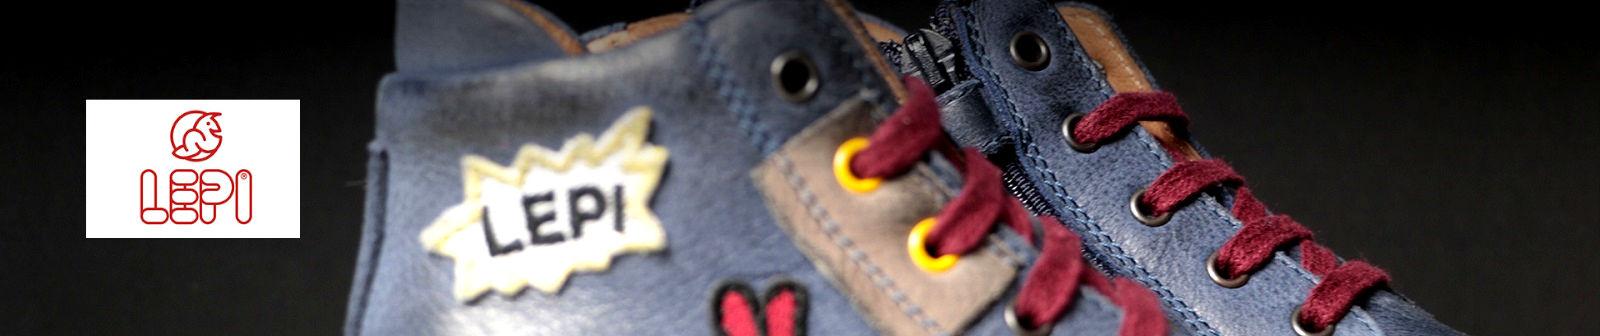 Lepi Chelsea Boots für Kinder im Online-Shop von GISY kaufen